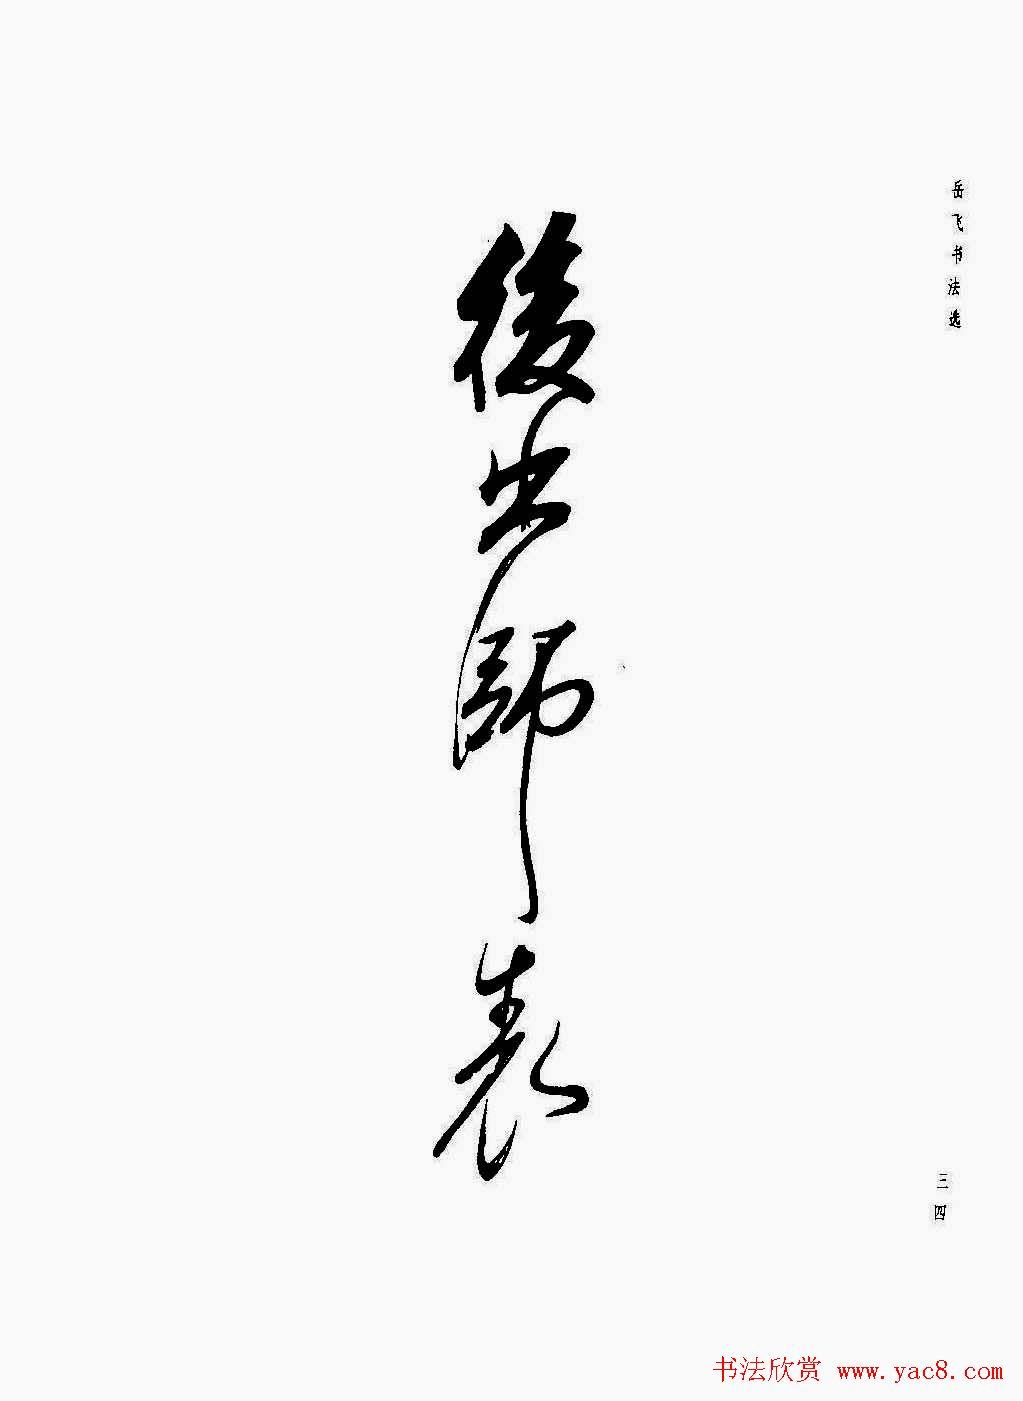 岳飞行草书法欣赏《后出师表》两种